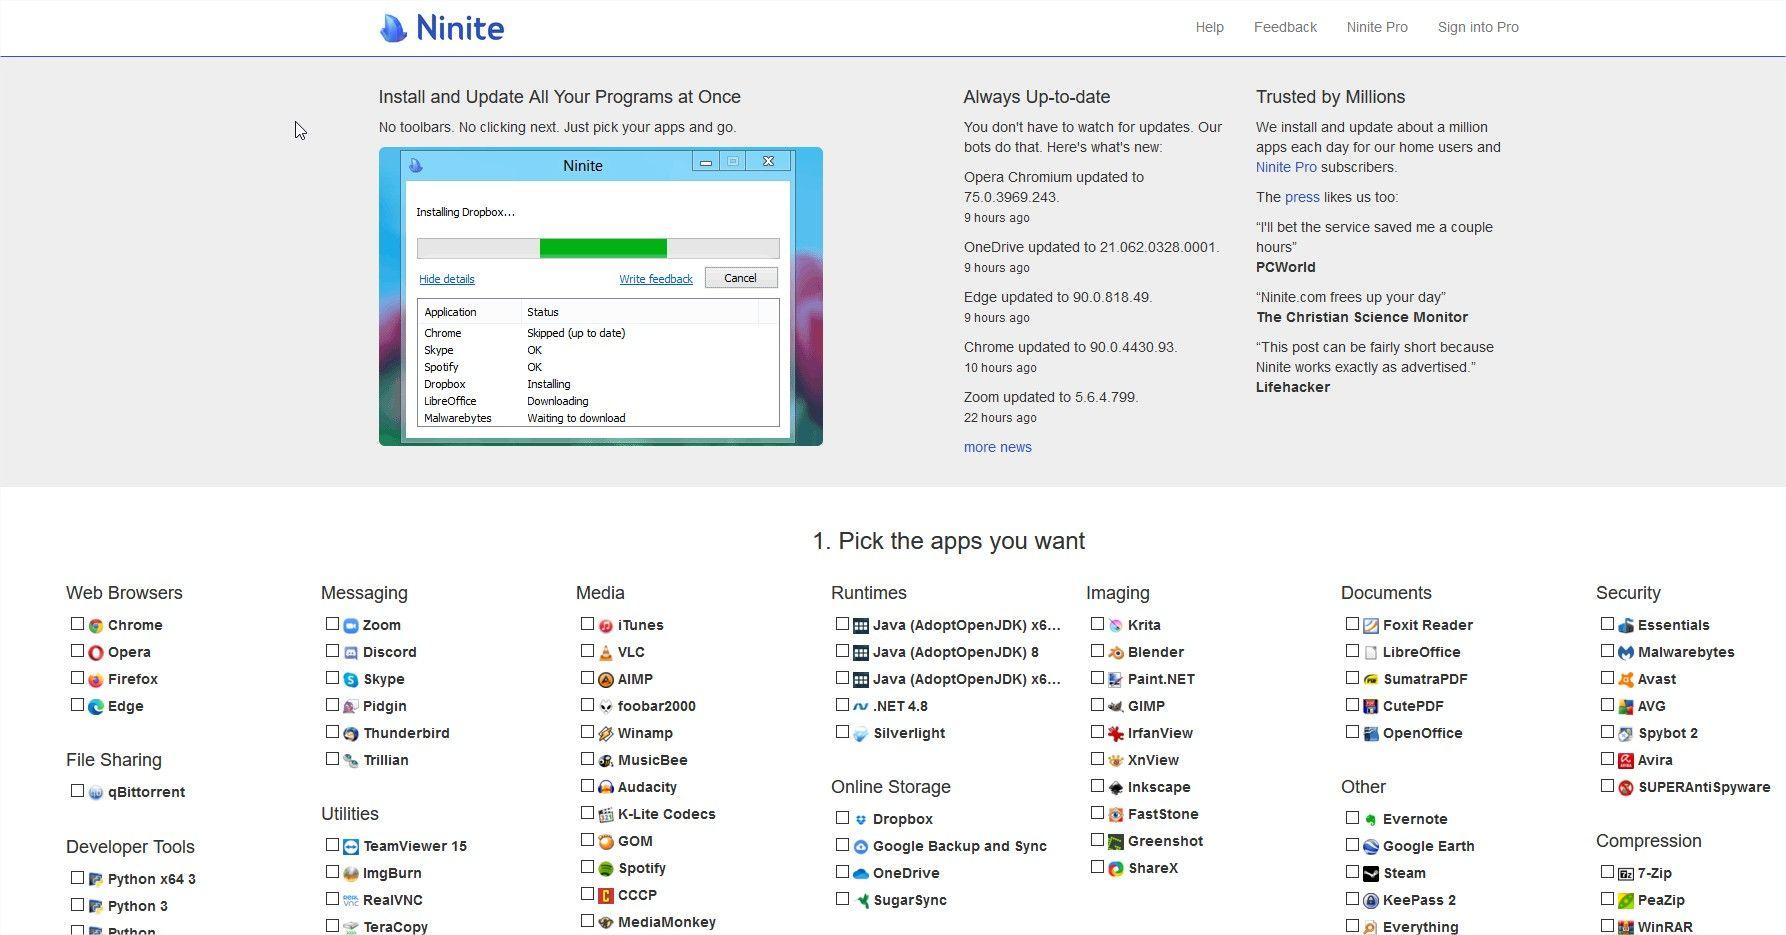 Seleccion de aplicaciones en Ninite